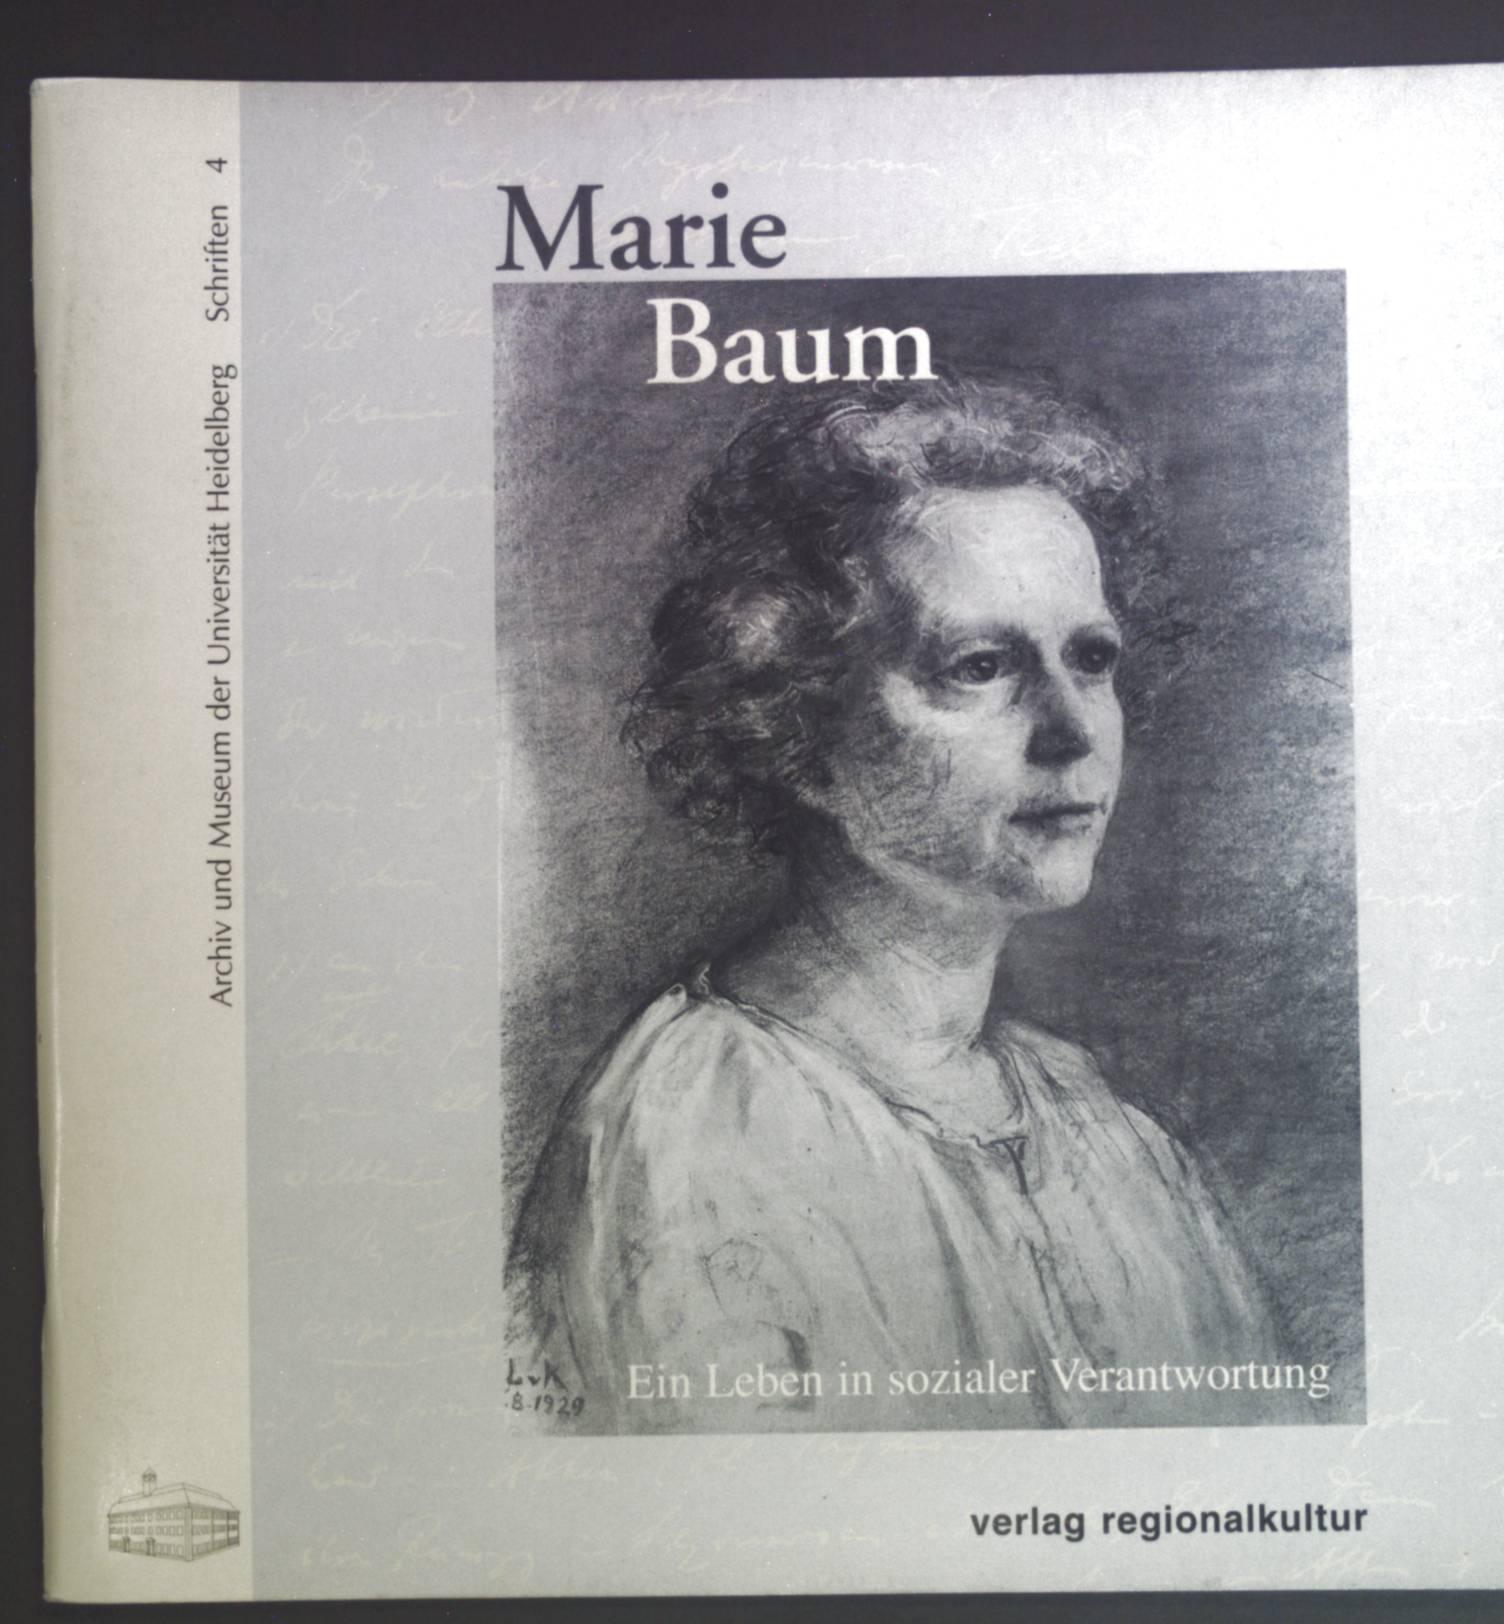 Marie Baum : ein Leben in sozialer Verantwortung ; Katalog zur Ausstellung im Universitätsmuseum Heidelberg, 19. Oktober 2000 -  20. Januar 2001. Universitätsarchiv Heidelberg: Schriften ; 4 - Schaffrodt, Petra